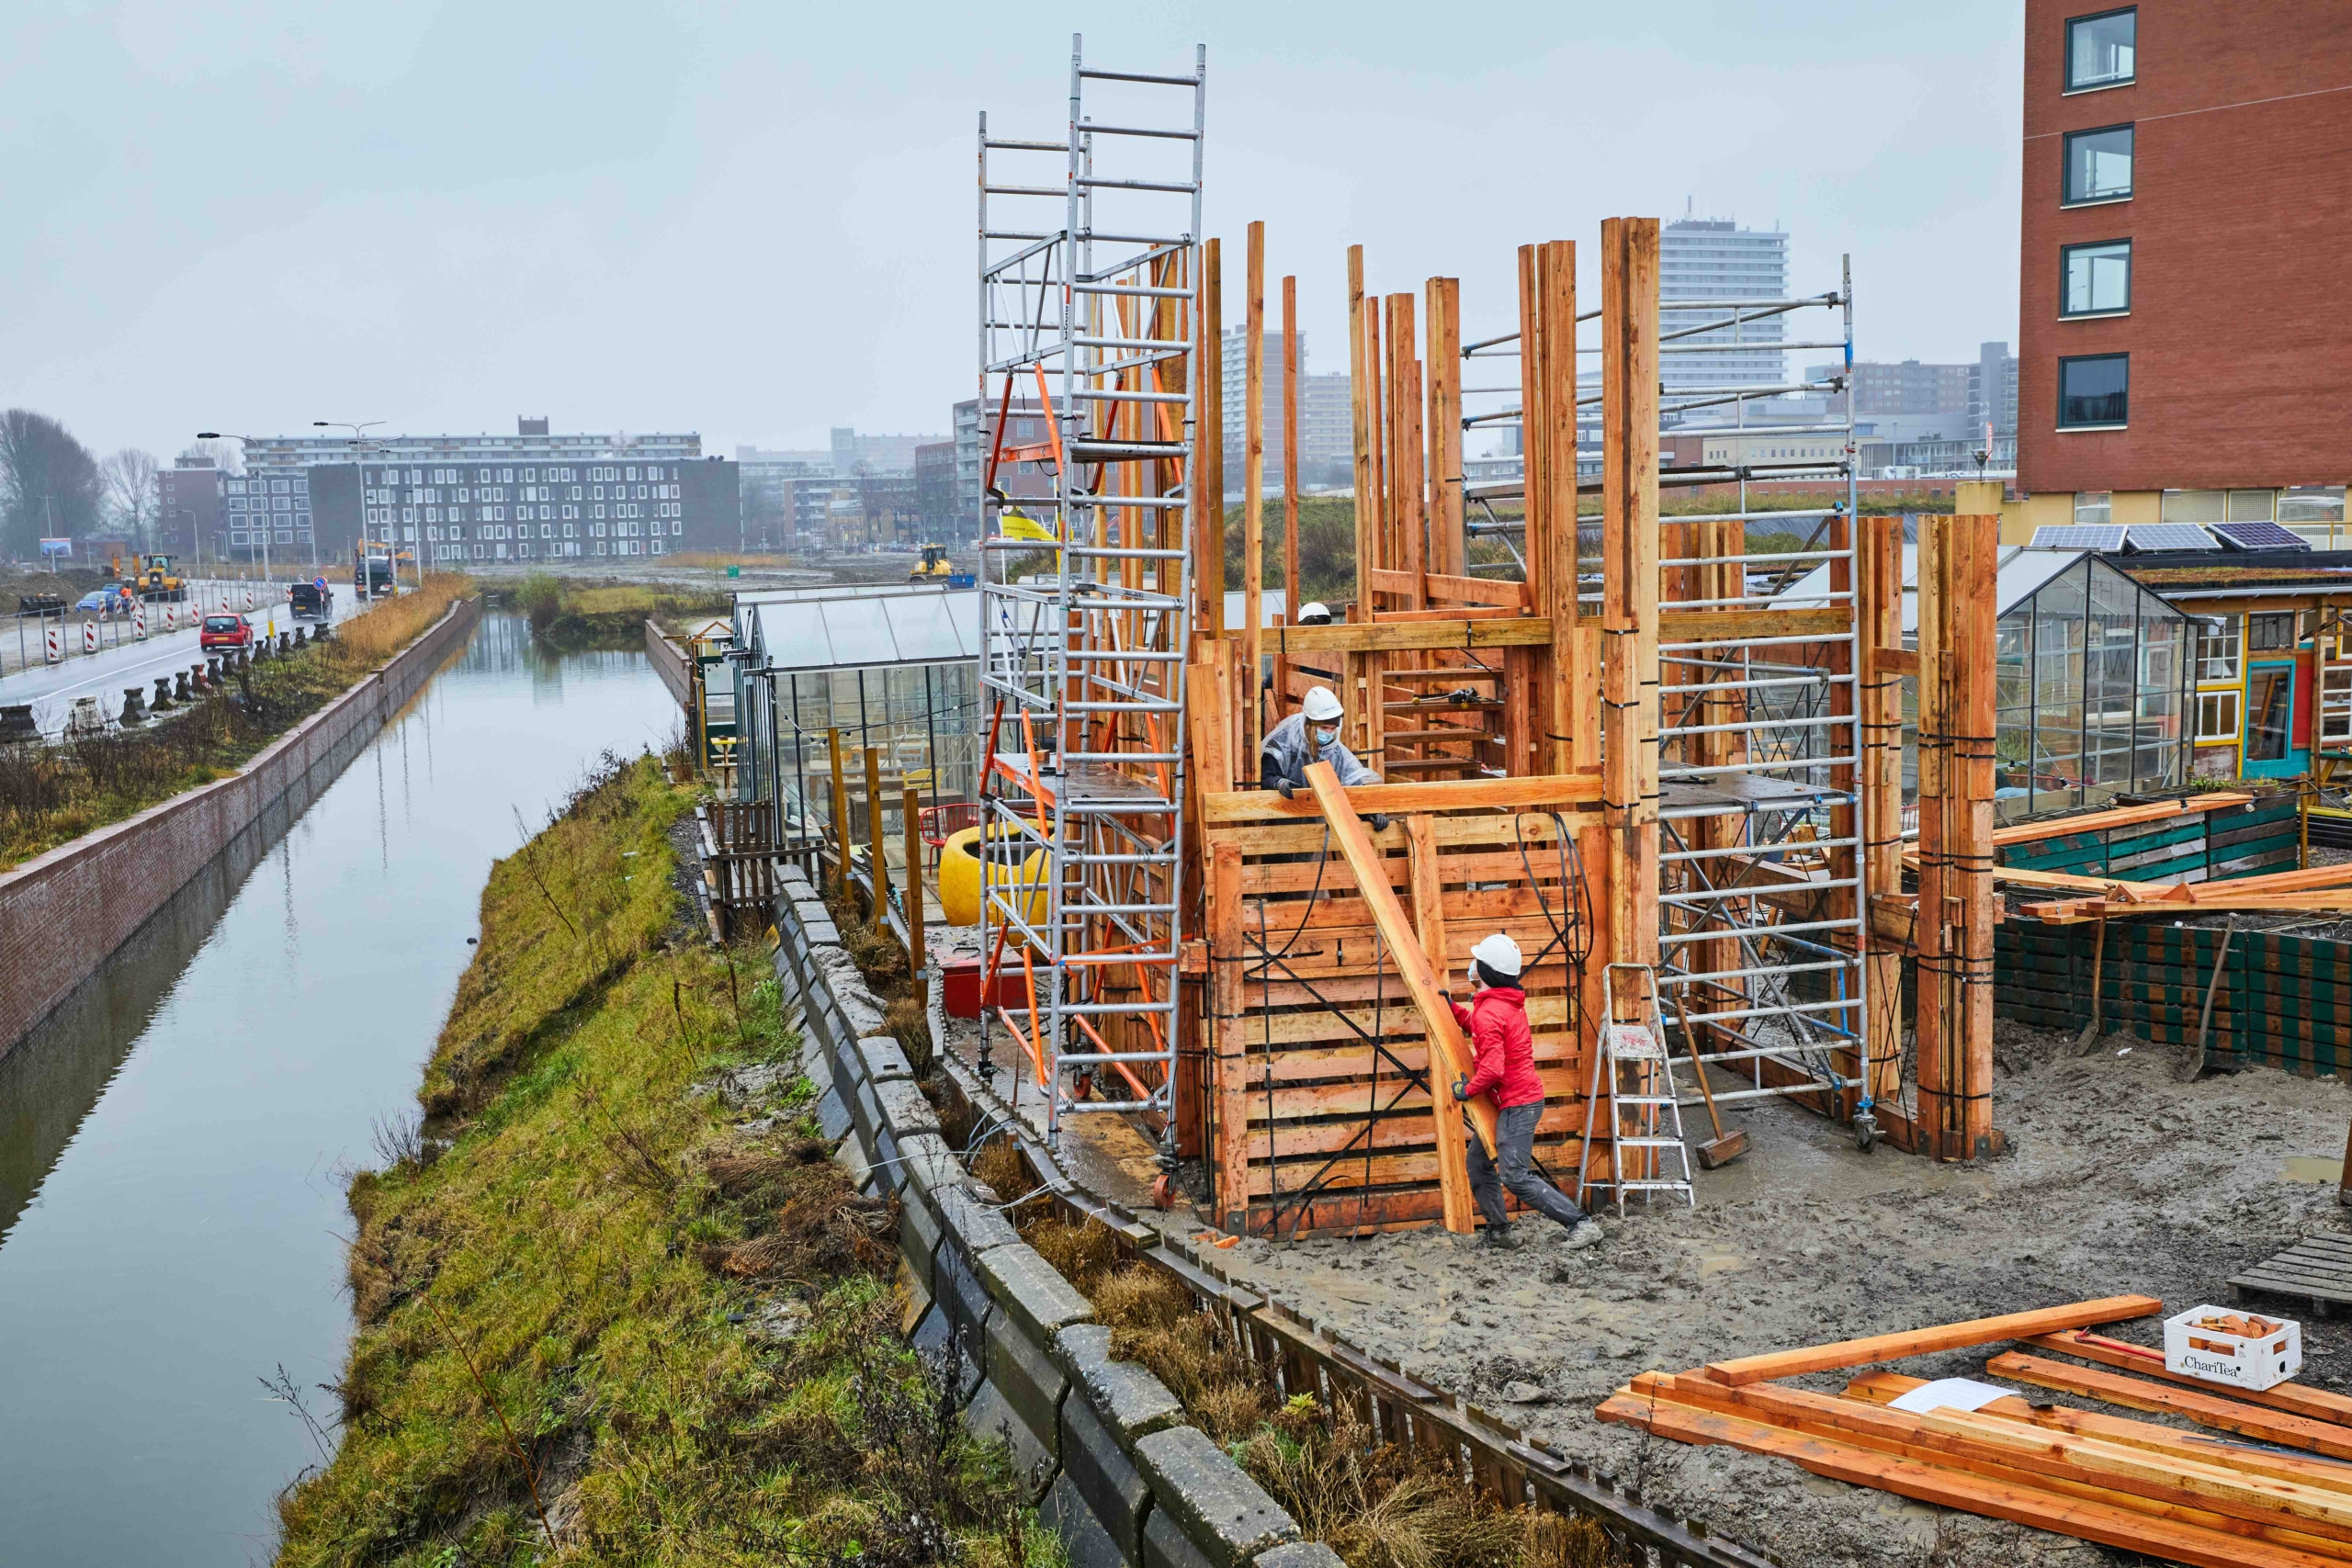 Circulaire uitkijktoren in Nieuw Delft